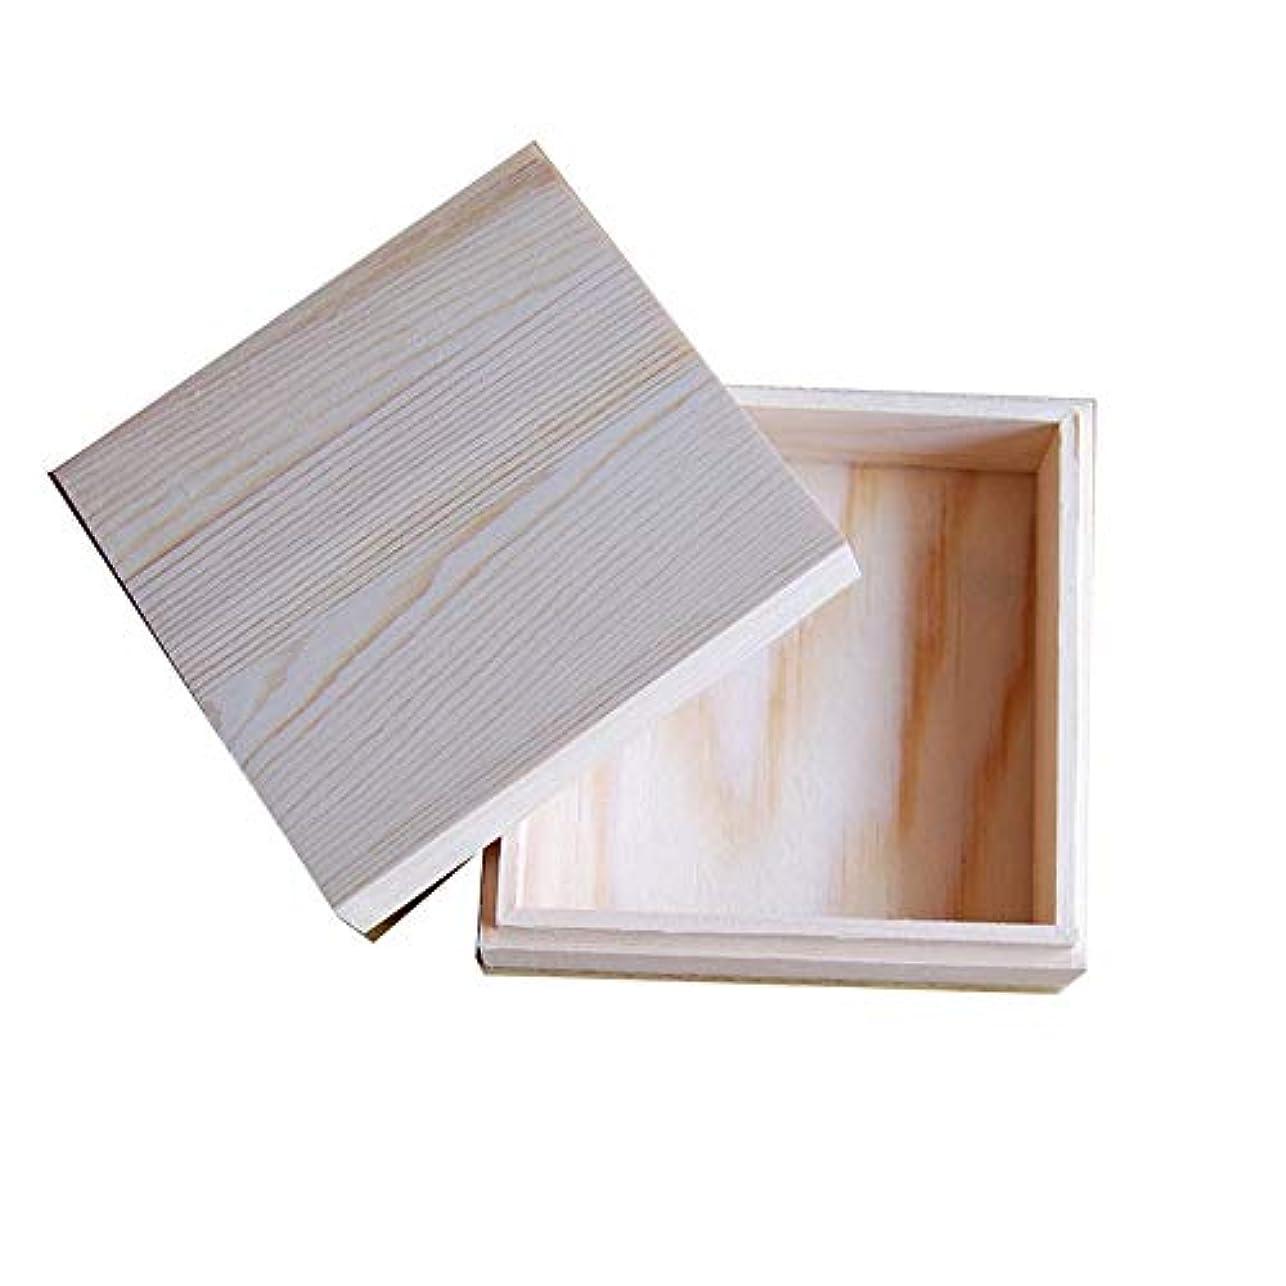 ネスト貯水池もろいエッセンシャルオイルストレージボックス 木製のエッセンシャルオイルストレージボックス安全に油を維持するためのベスト 旅行およびプレゼンテーション用 (色 : Natural, サイズ : 11.5X11.5X5CM)